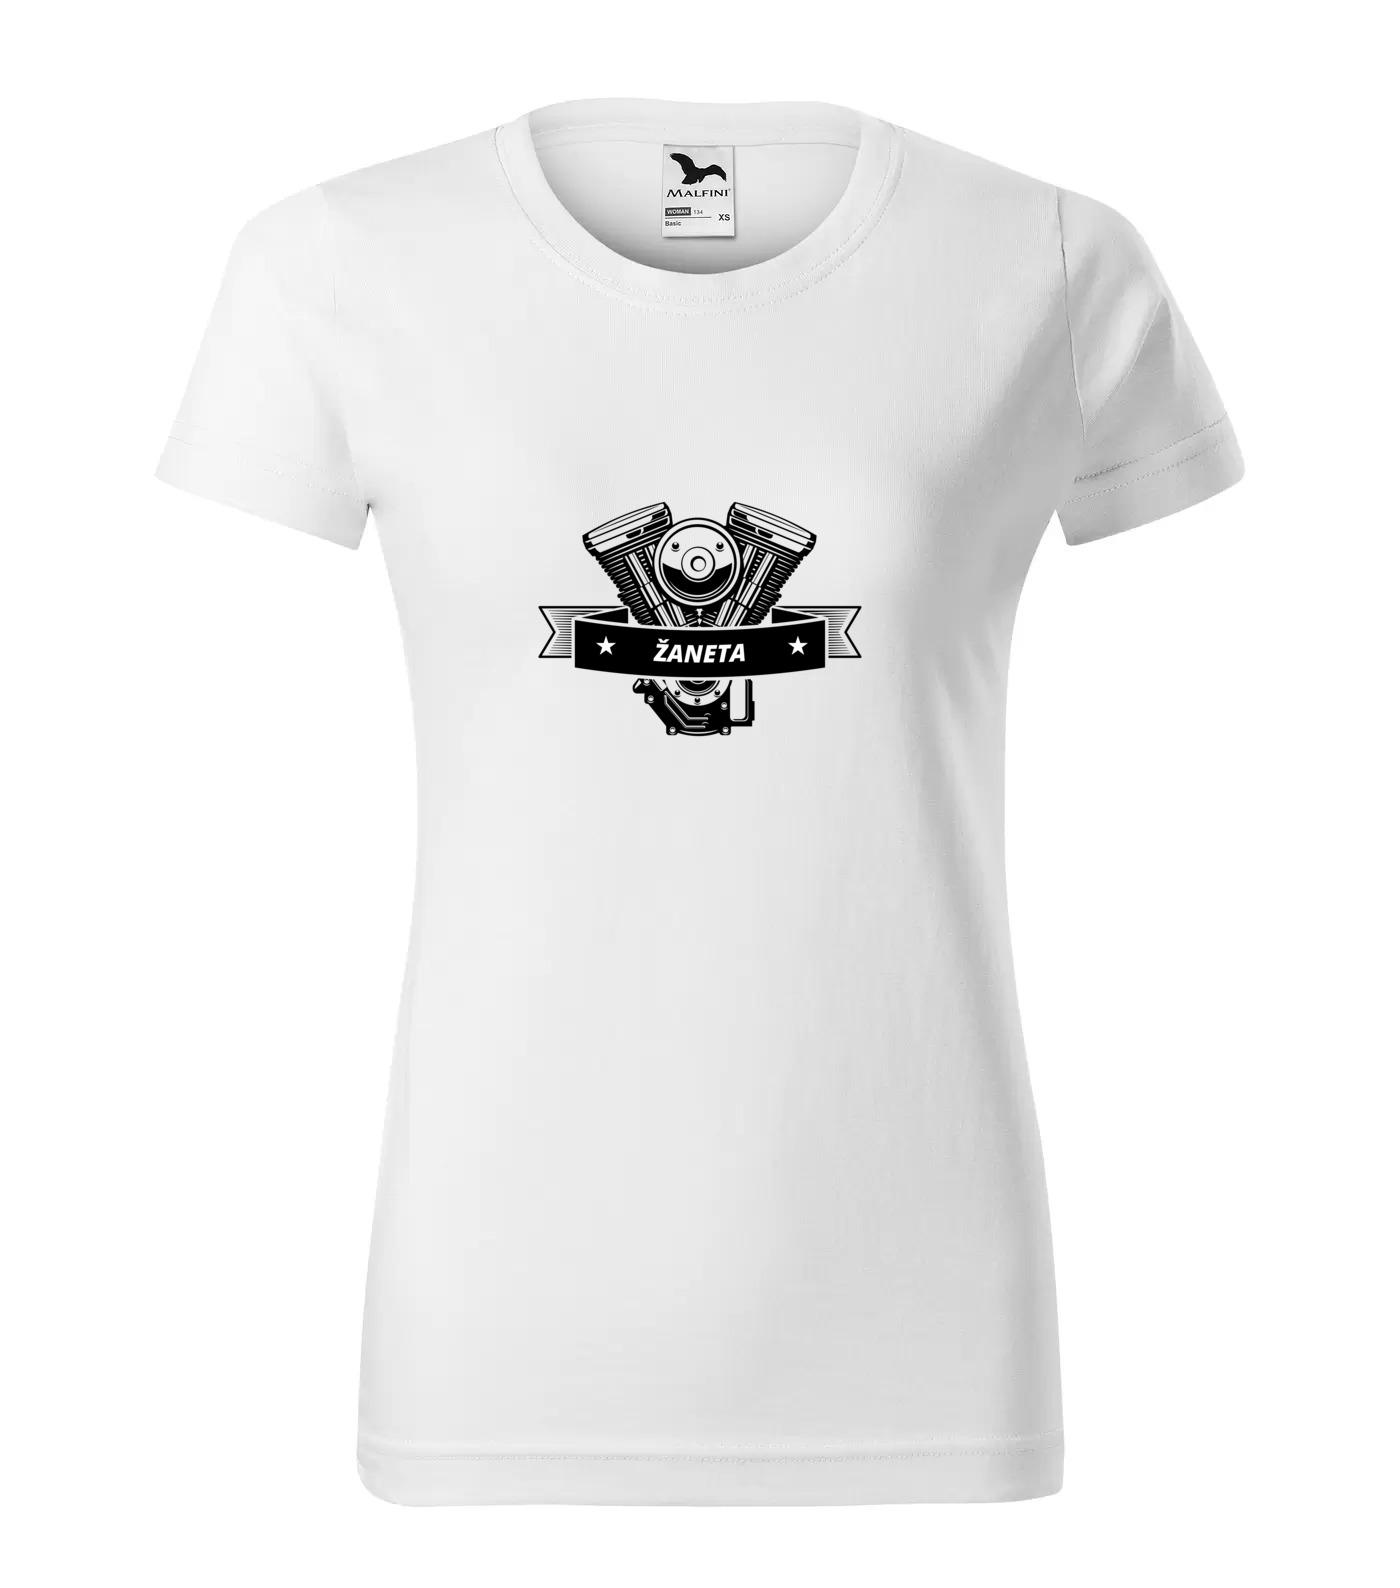 Tričko Motorkářka Žaneta